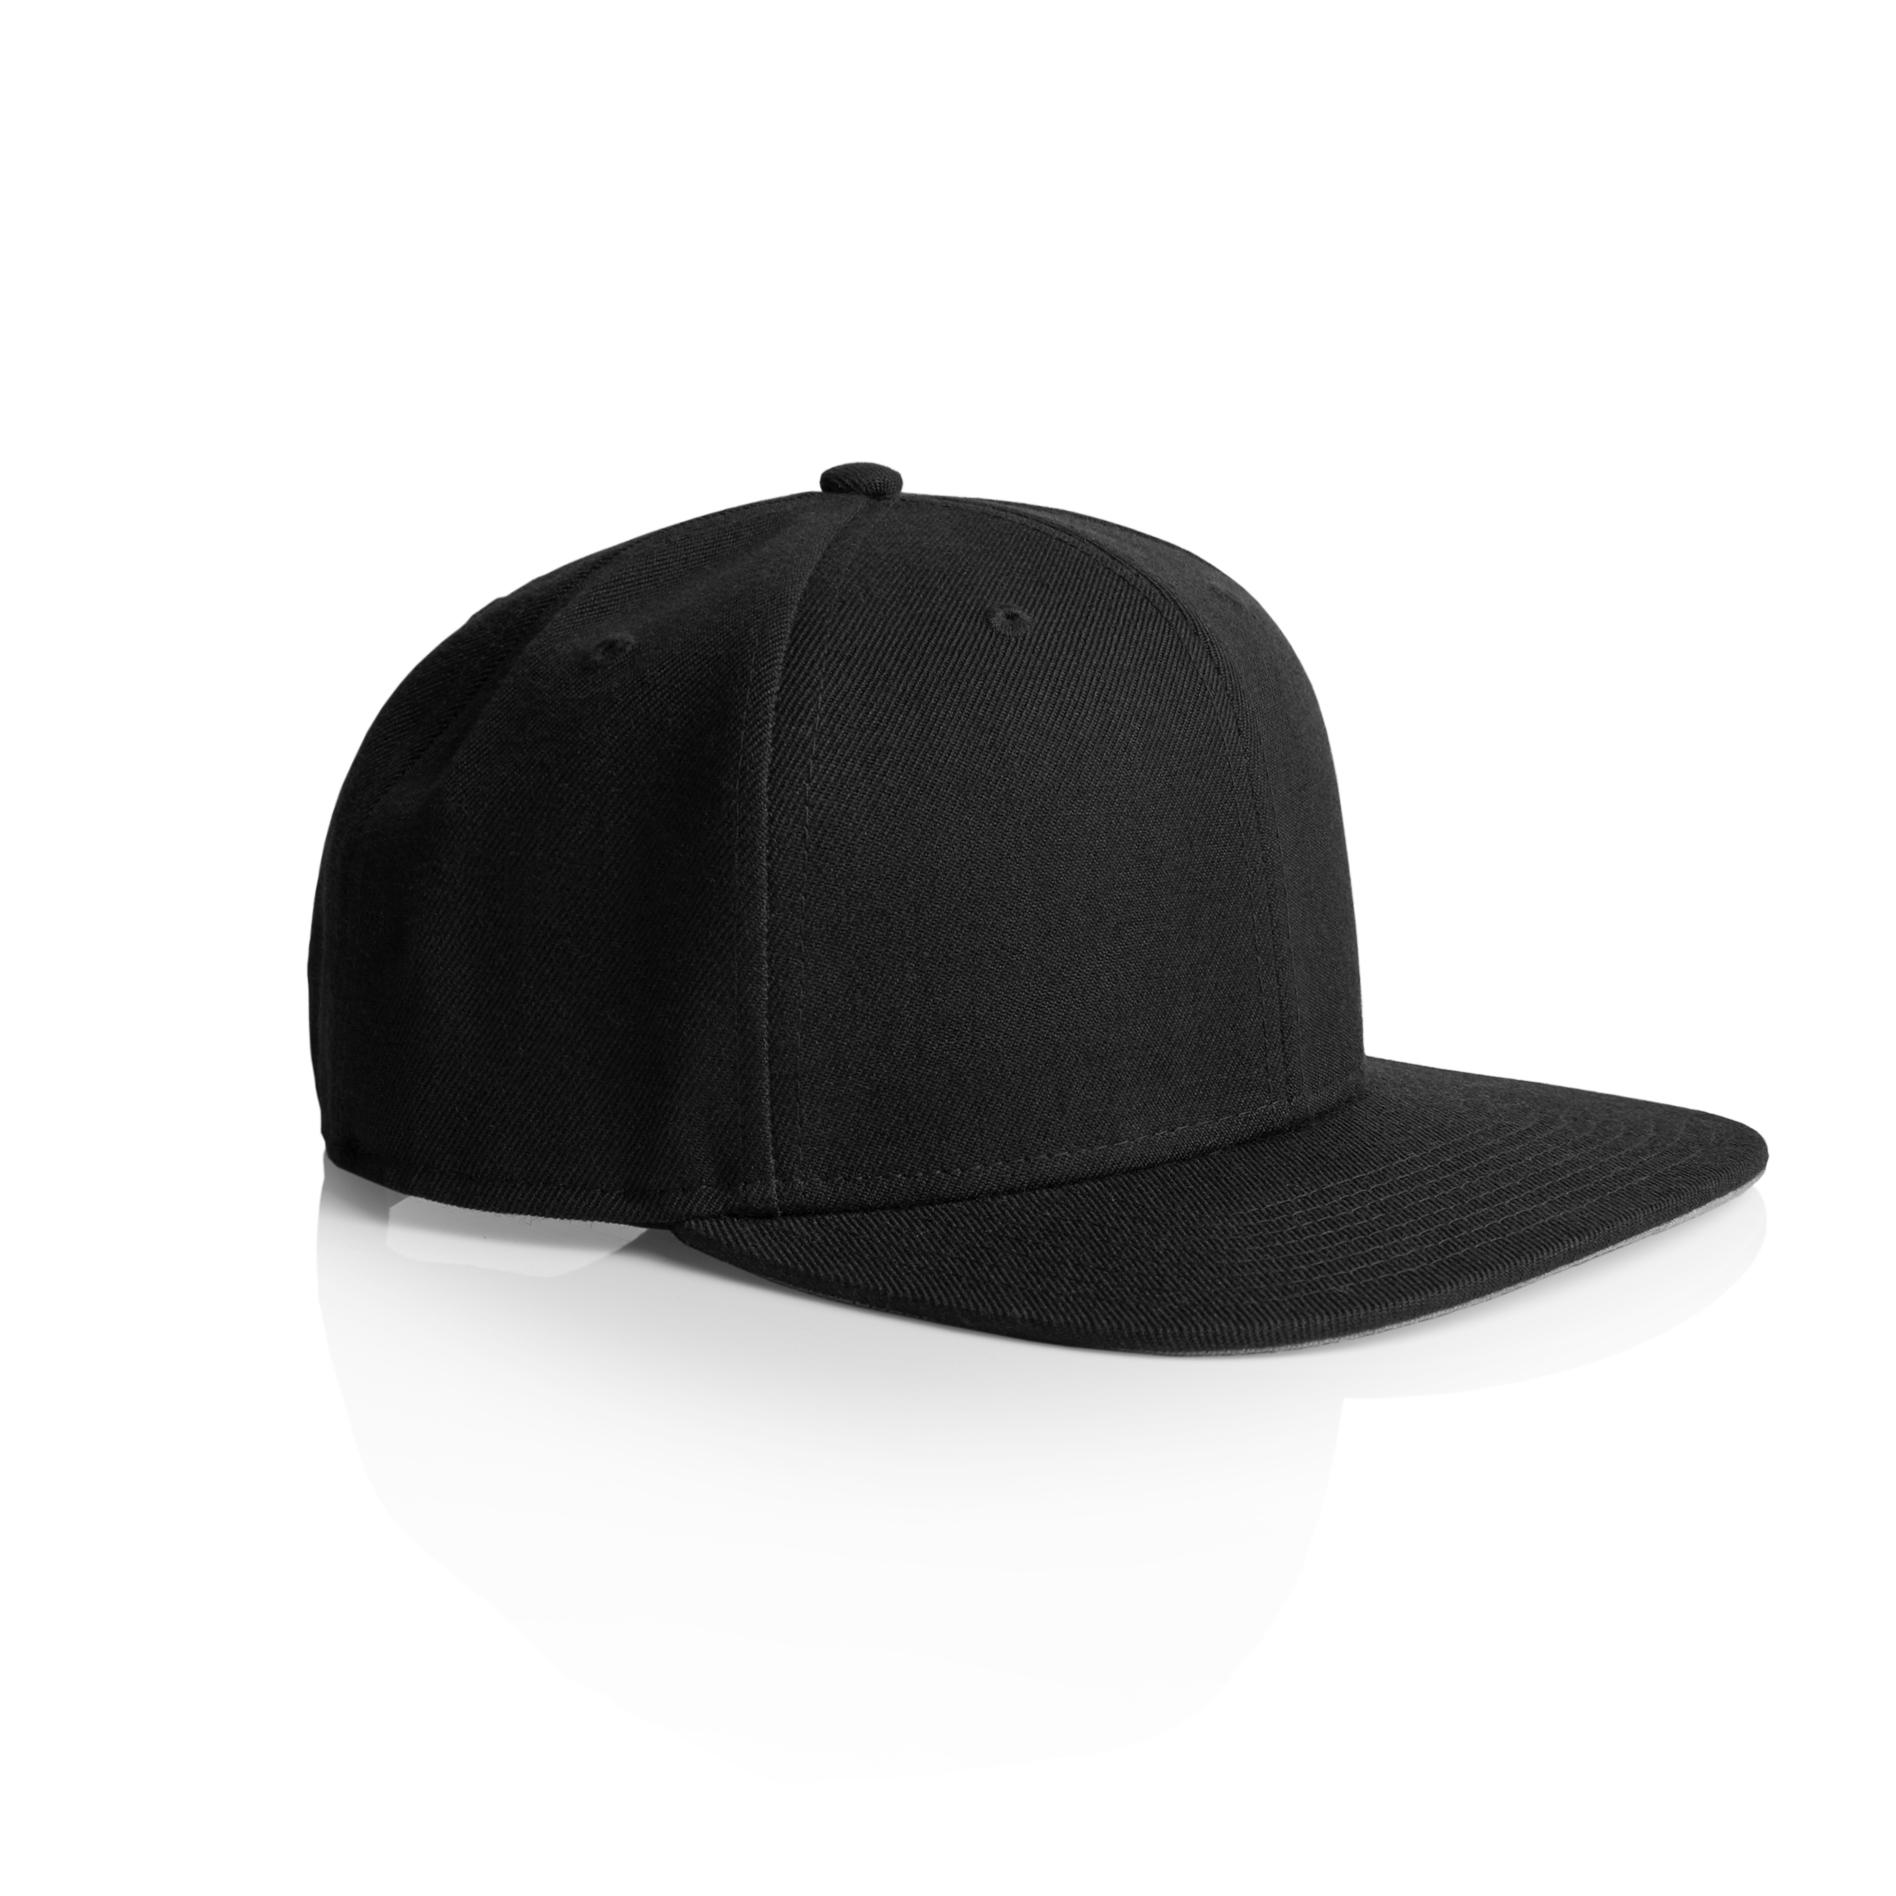 1100 STOCK HAT